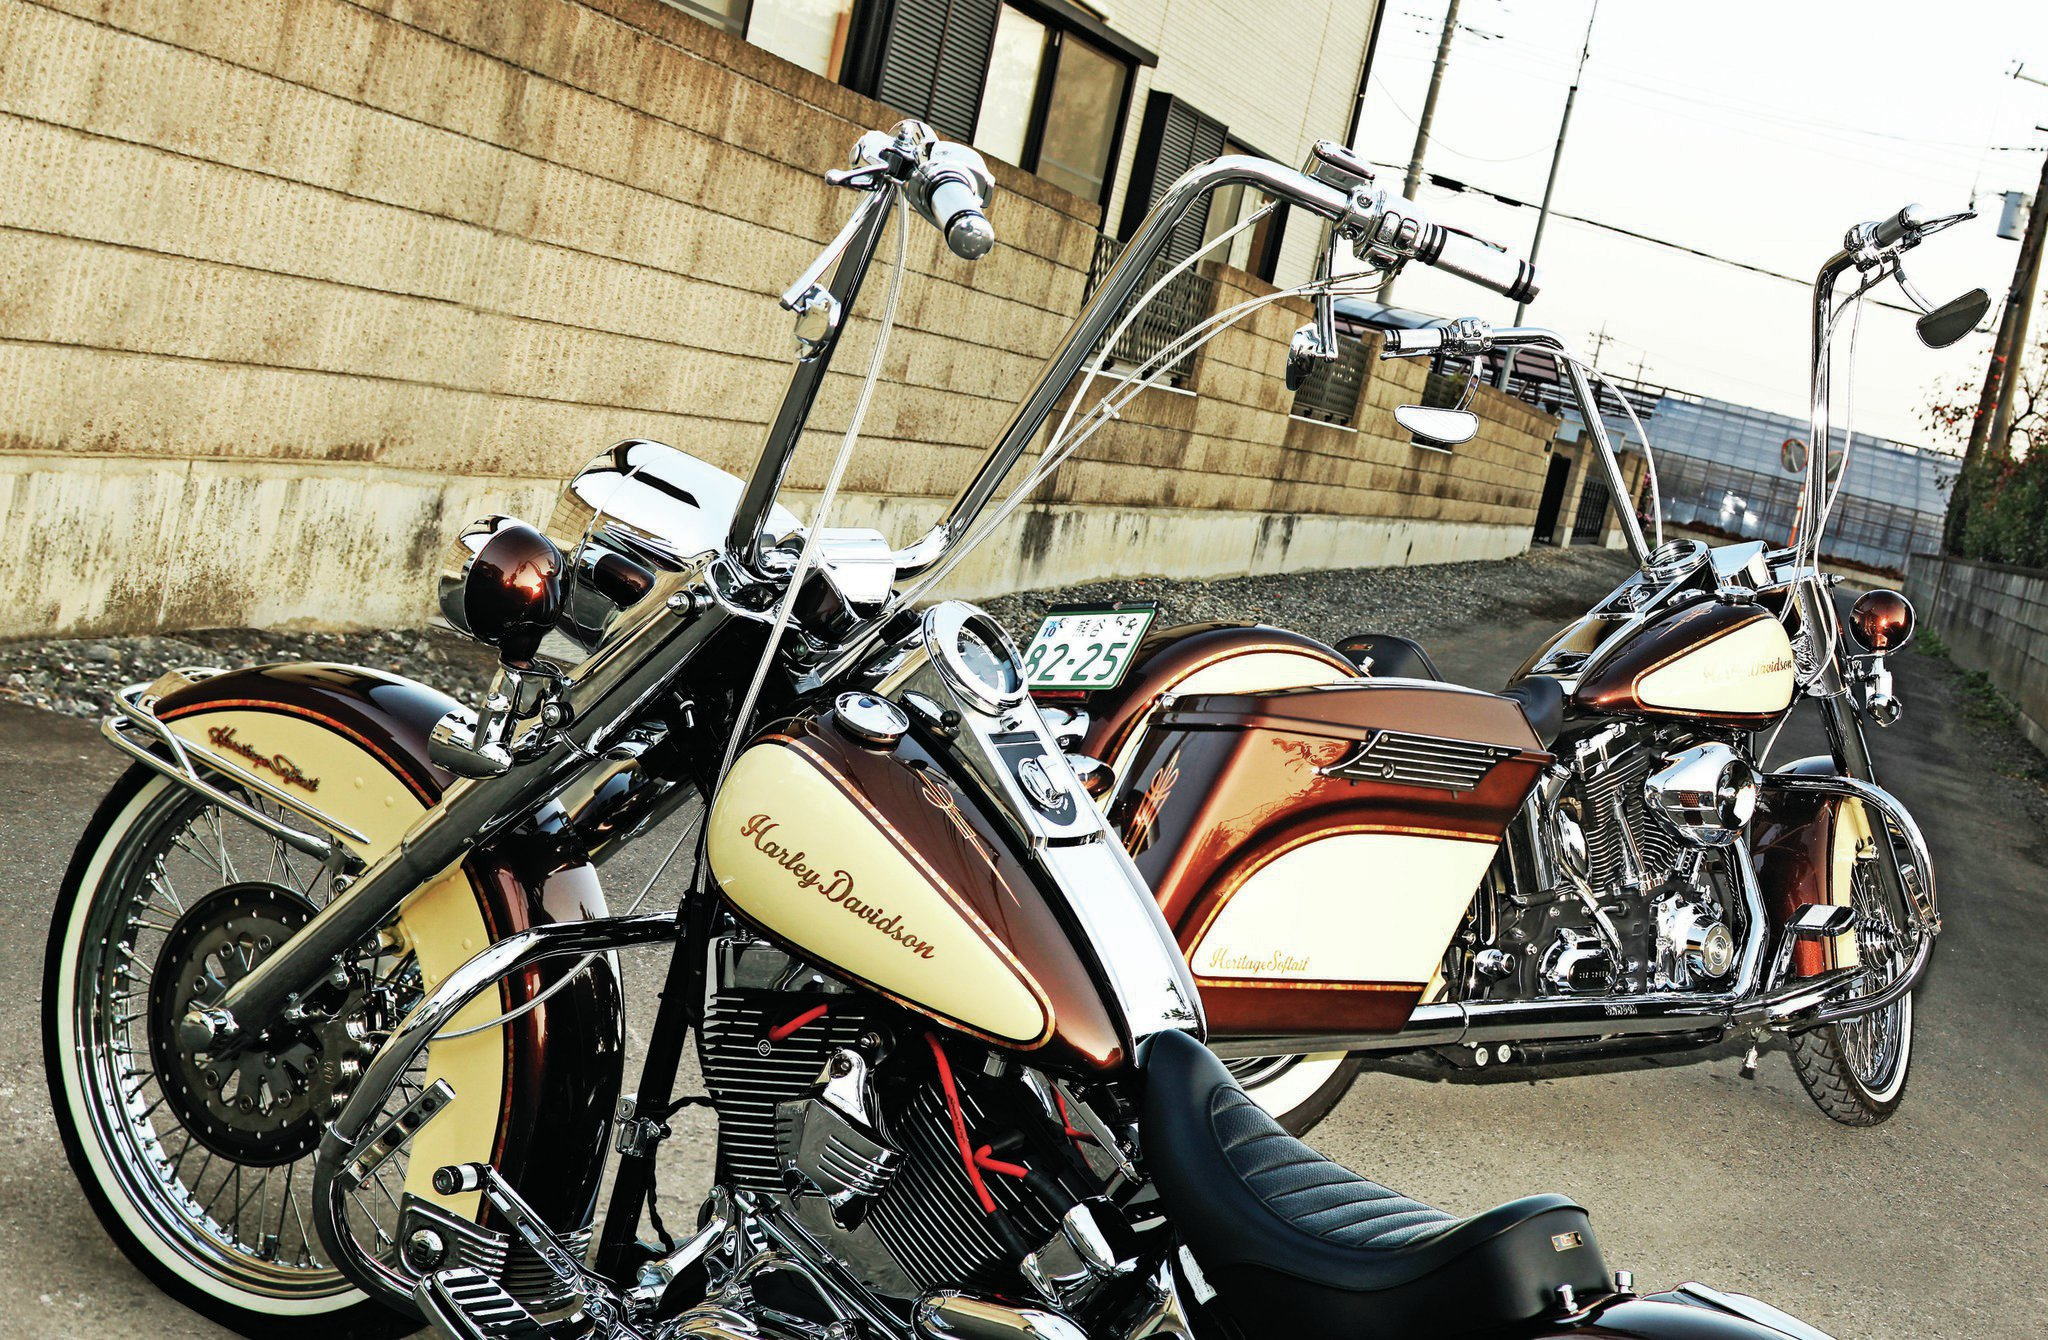 Harley Davidson Rims For Sale